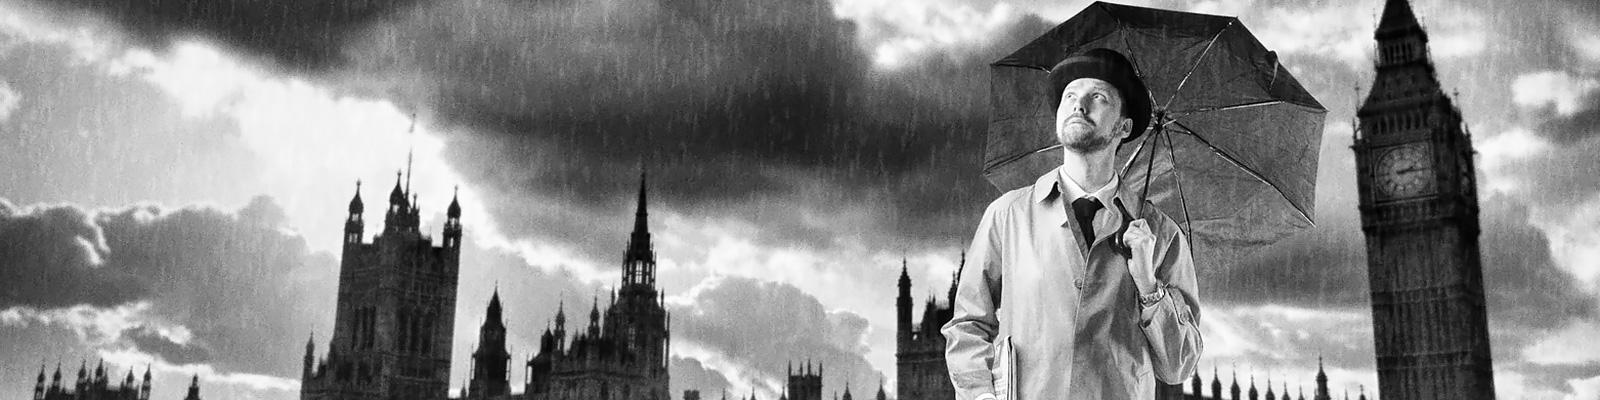 イギリス 雨 男性 イメージ